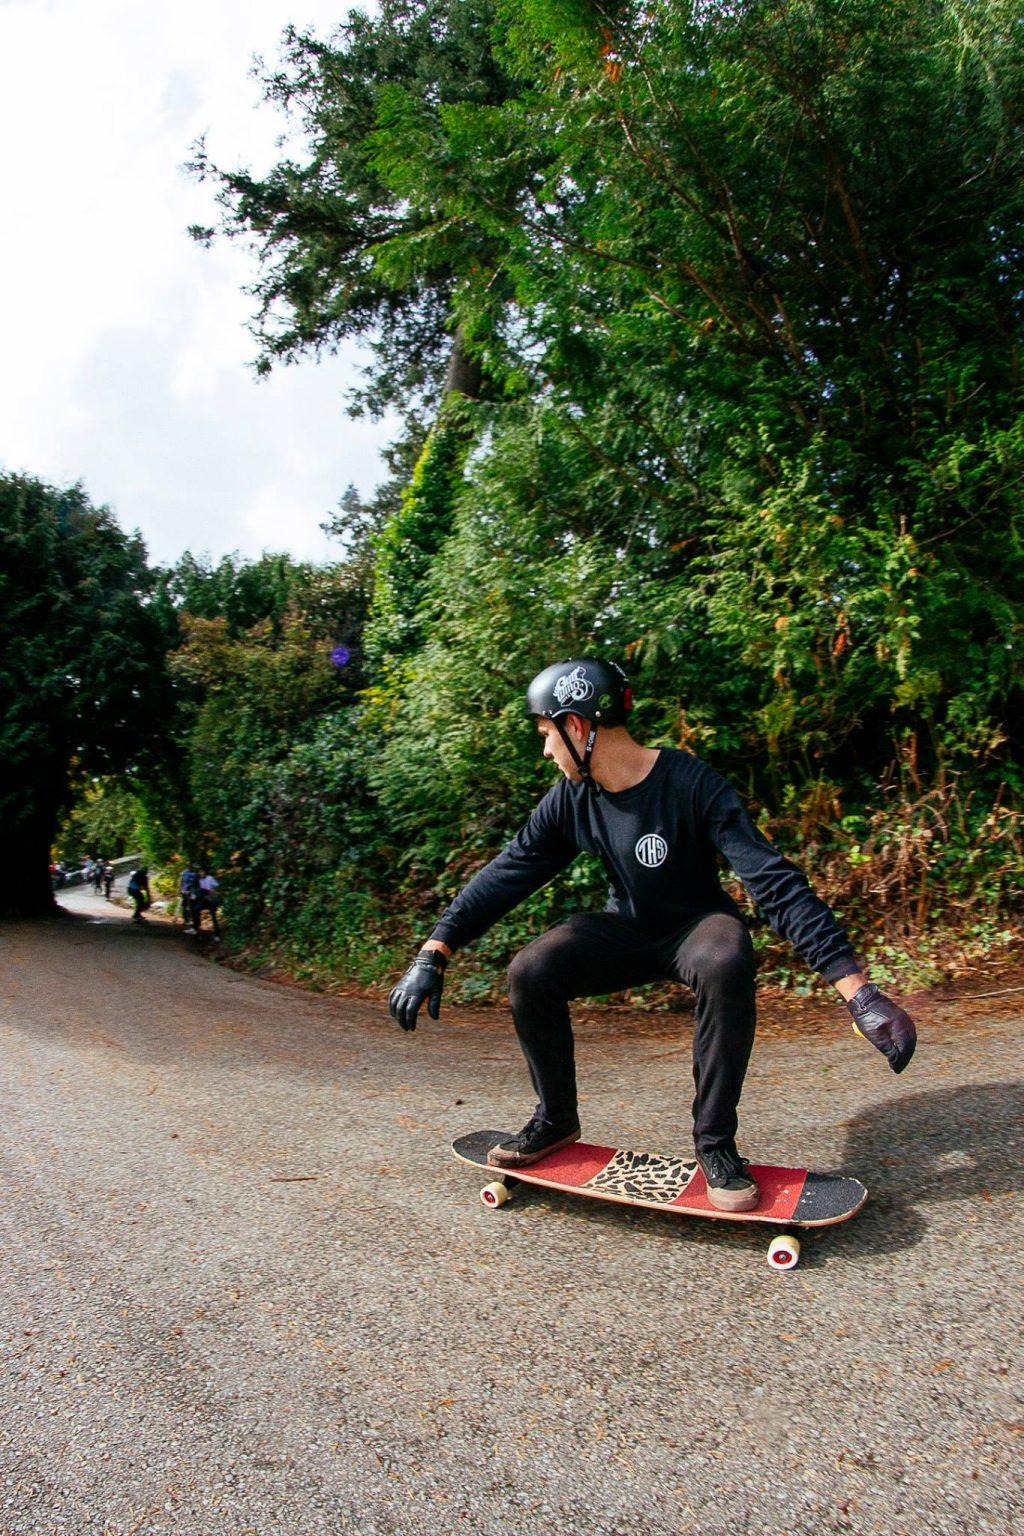 42-sam-galus-flatspot-longboards-valhalla-skateboards-higway-jam-highwayjamx-sho-ouellette-sho-stopper-longboarding